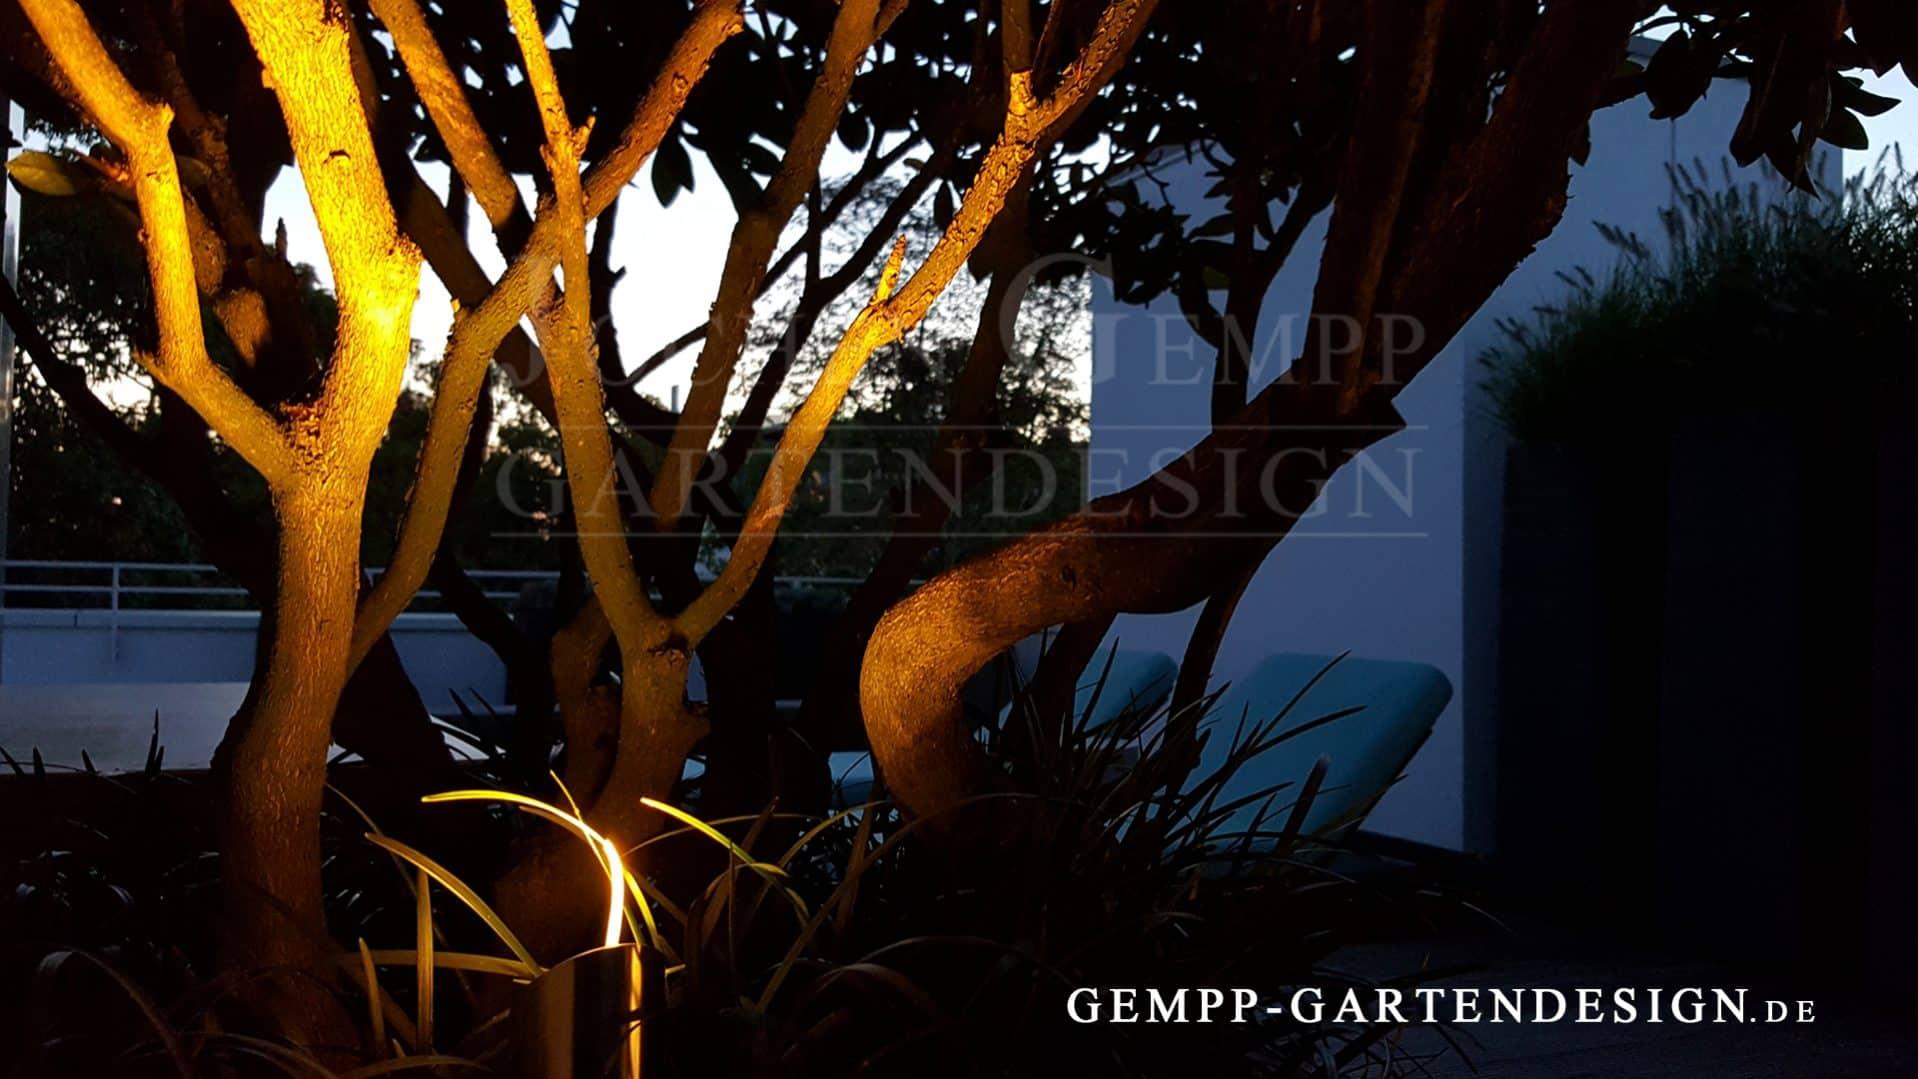 Lichtplanung Garten gartenbeleuchtung außenleuchten gempp gartendesign